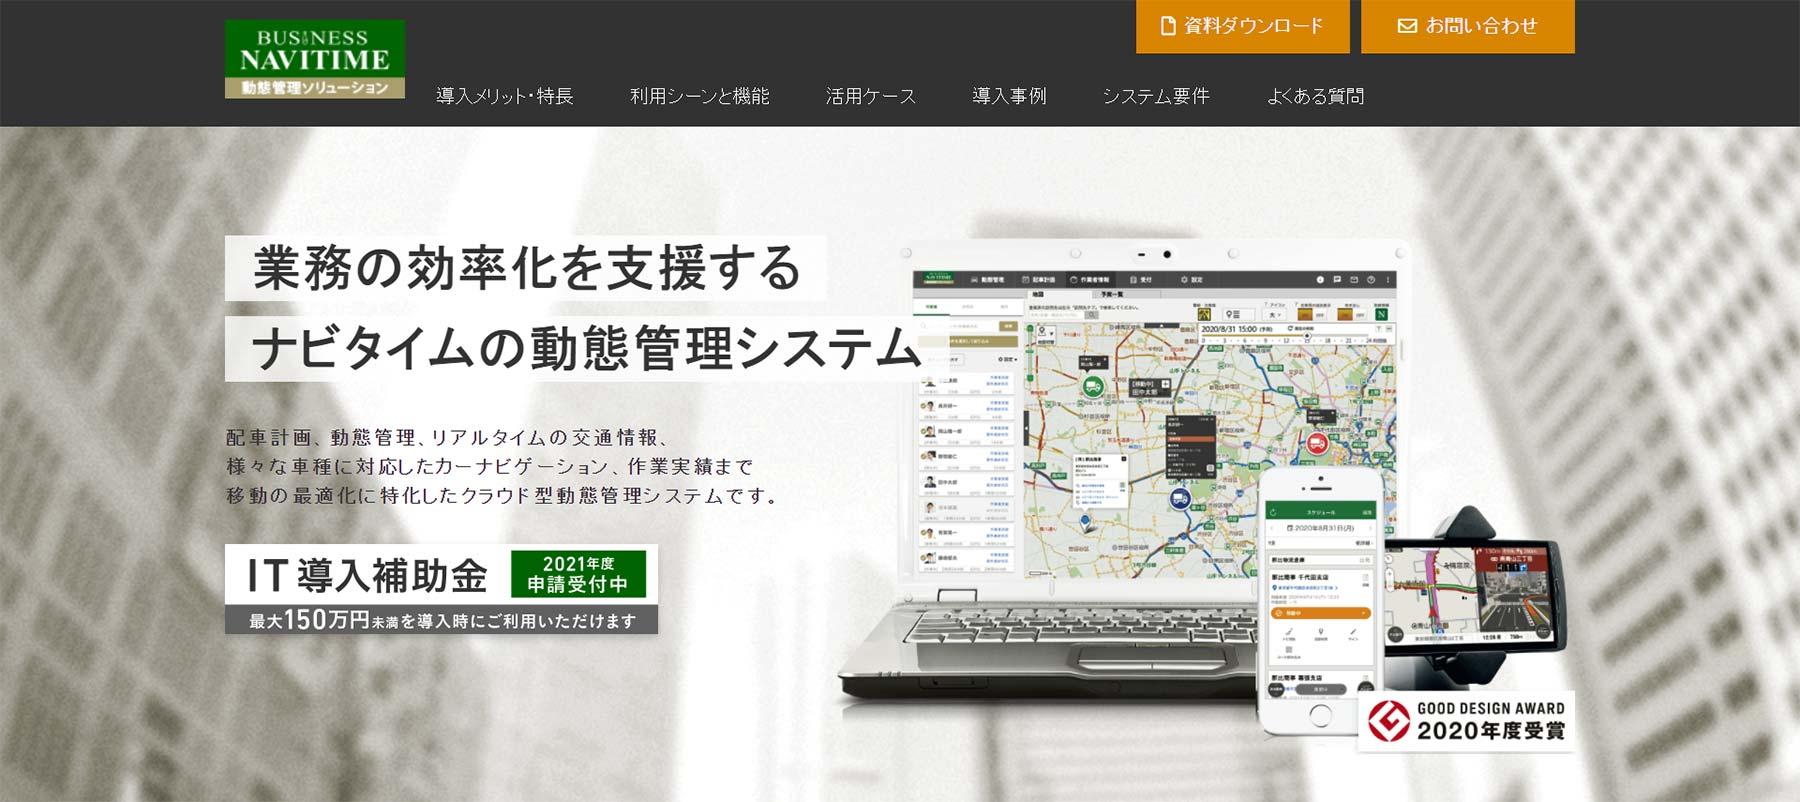 ビジネスナビタイム動態管理ソリューション公式Webサイト